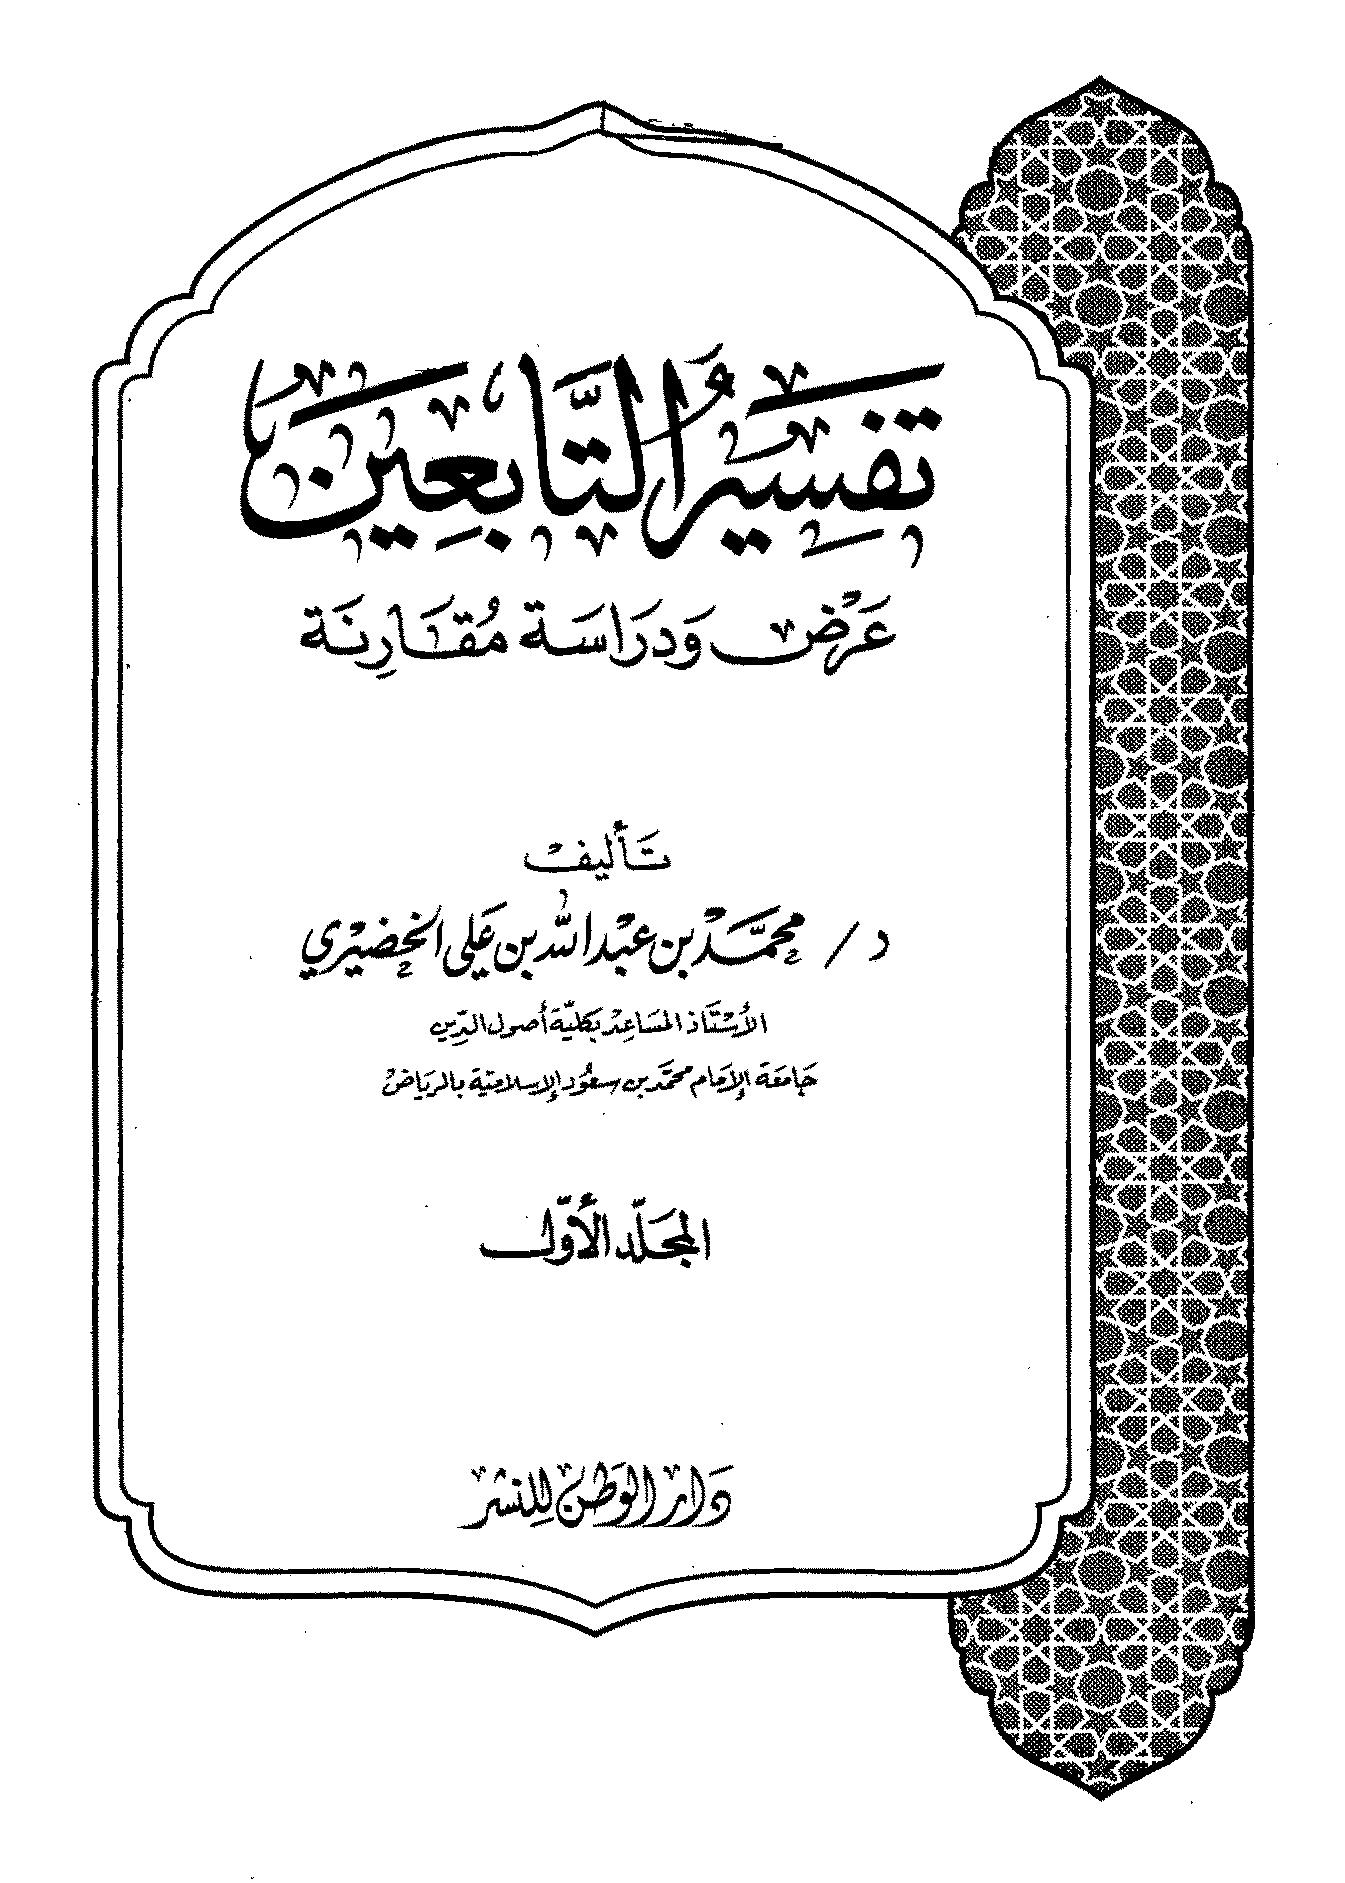 تحميل كتاب تفسير التابعين (عرض ودراسة مقارنة) لـِ: الدكتور محمد بن عبد الله الخضيري